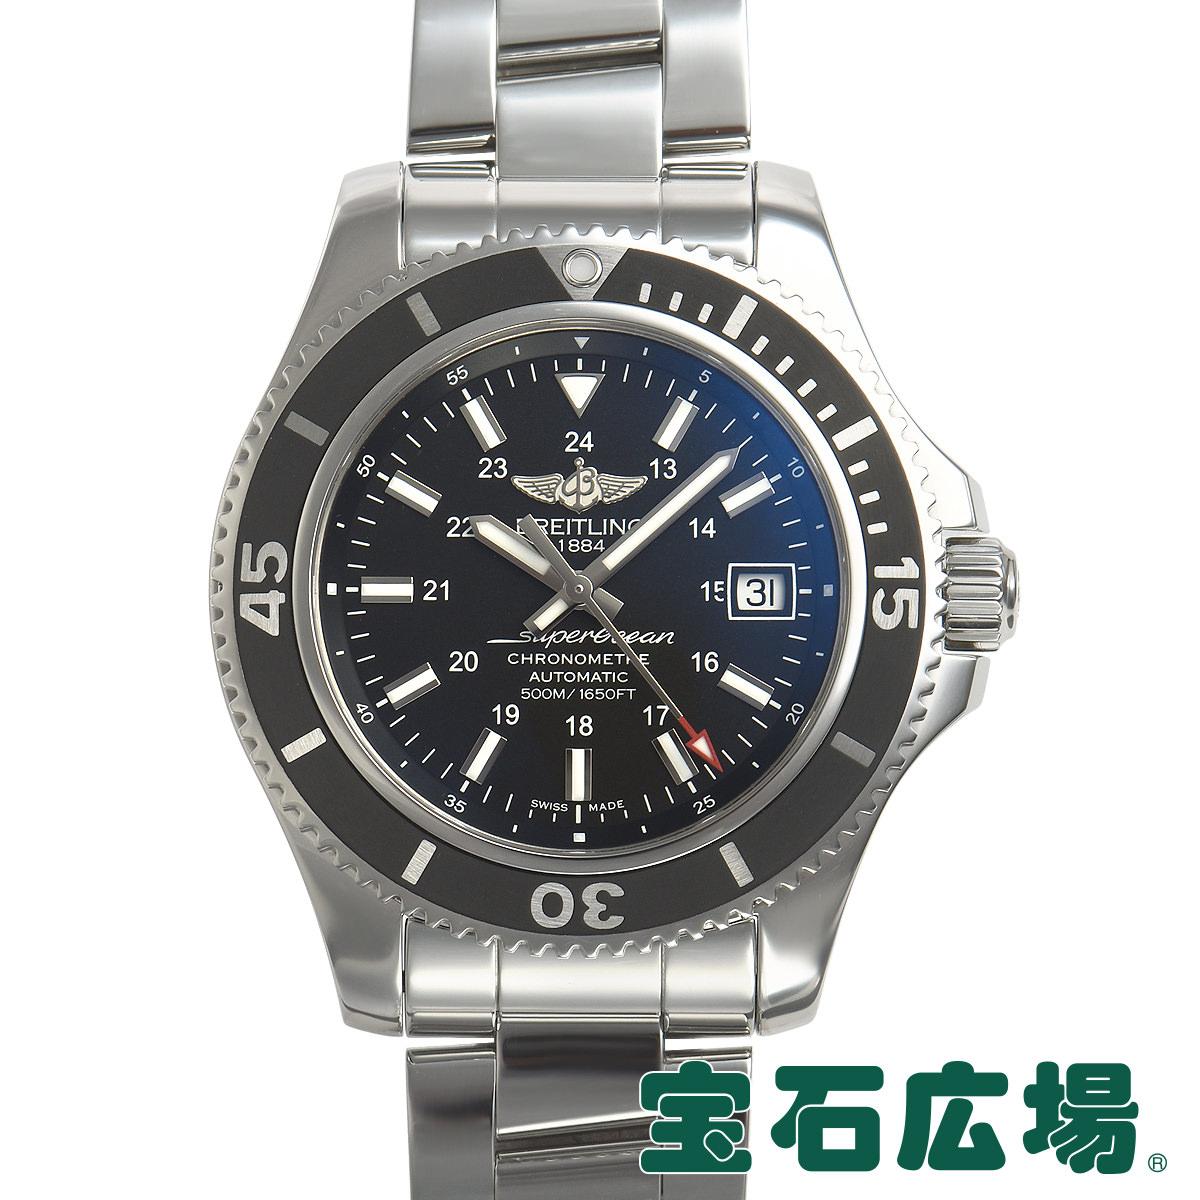 ブライトリング BREITLING スーパーオーシャンII42 ジャパン・スペシャルエディション A17365C9/BF71【中古】メンズ 腕時計 送料・代引手数料無料